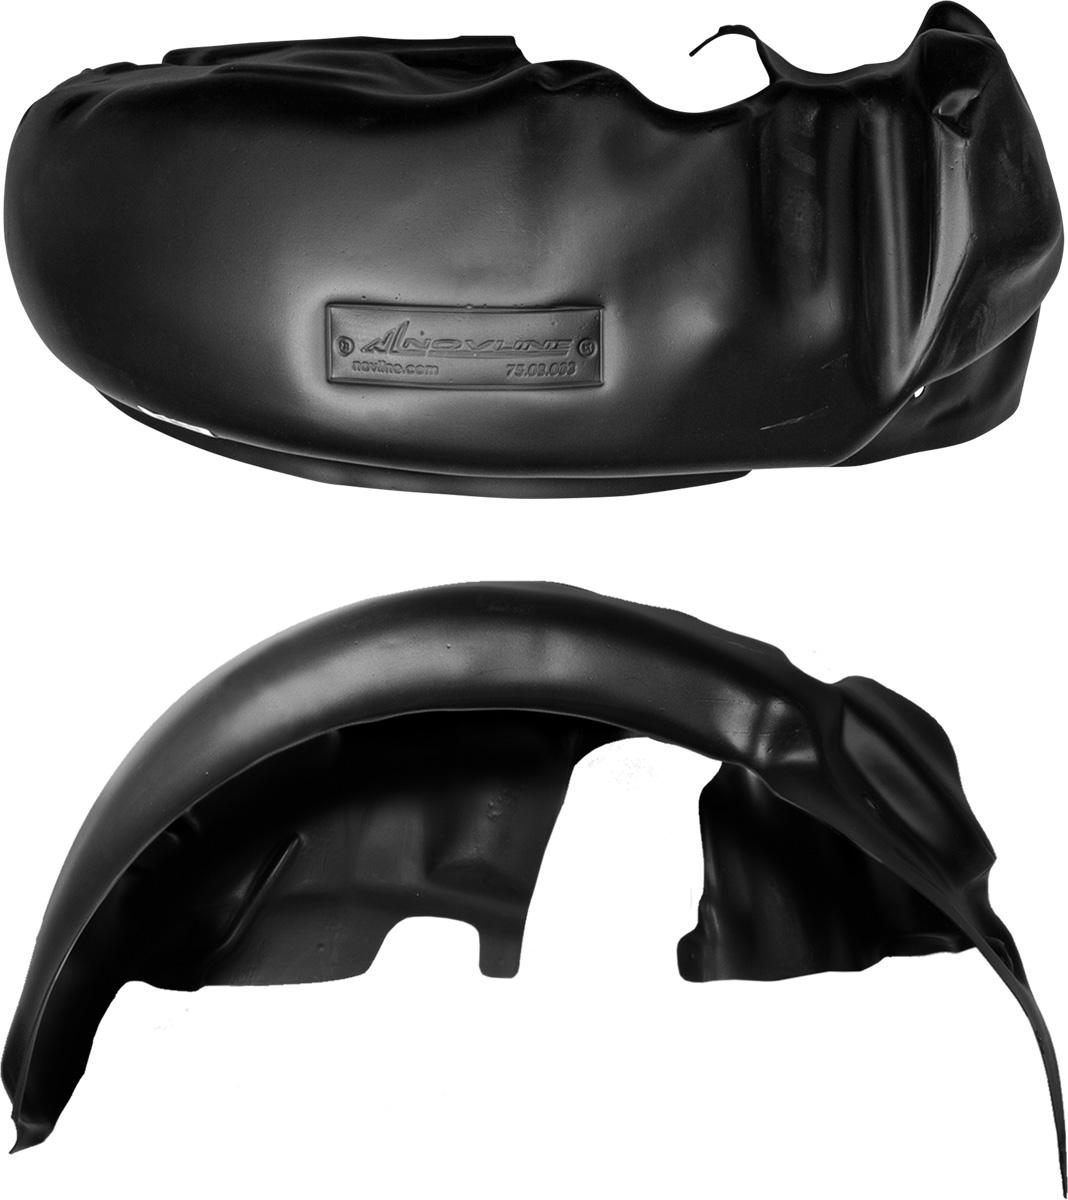 Подкрылок Novline-Autofamily, для Geely Emgrand EC7, 2011->, передний левыйNLL.75.05.001Колесные ниши - одни из самых уязвимых зон днища вашего автомобиля. Они постоянно подвергаются воздействию со стороны дороги. Лучшая, почти абсолютная защита для них - специально отформованные пластиковые кожухи, которые называются подкрылками. Производятся они как для отечественных моделей автомобилей, так и для иномарок. Подкрылки Novline-Autofamily выполнены из высококачественного, экологически чистого пластика. Обеспечивают надежную защиту кузова автомобиля от пескоструйного эффекта и негативного влияния, агрессивных антигололедных реагентов. Пластик обладает более низкой теплопроводностью, чем металл, поэтому в зимний период эксплуатации использование пластиковых подкрылков позволяет лучше защитить колесные ниши от налипания снега и образования наледи. Оригинальность конструкции подчеркивает элегантность автомобиля, бережно защищает нанесенное на днище кузова антикоррозийное покрытие и позволяет осуществить крепление подкрылков внутри колесной арки практически без...